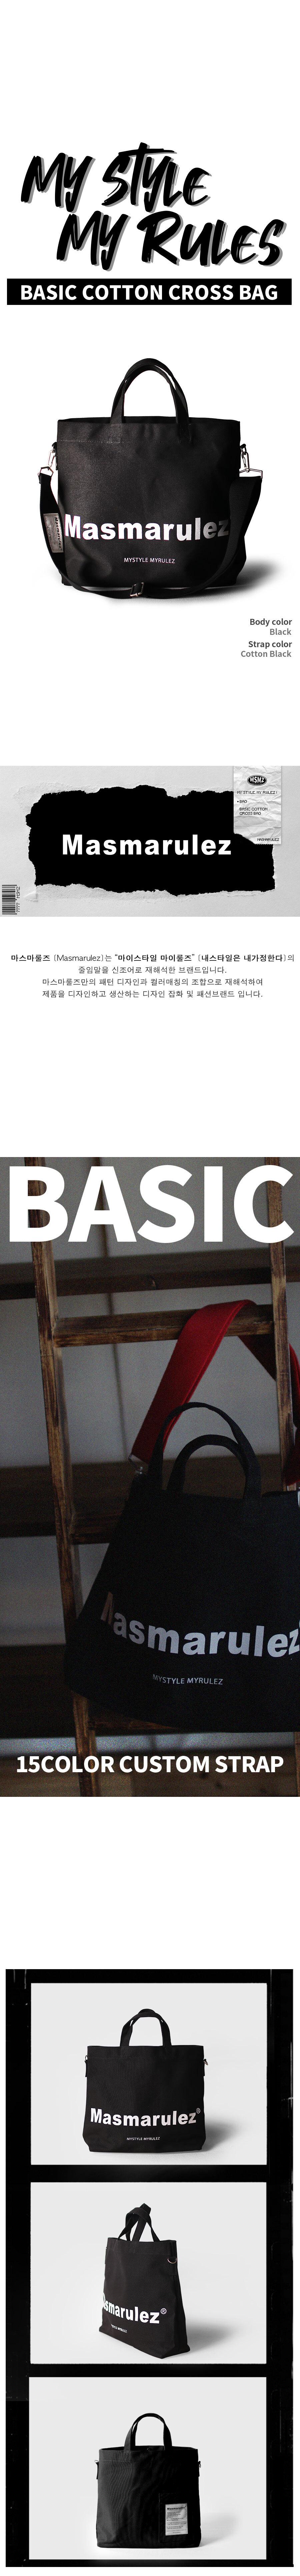 basic-cross-nblack1.jpg